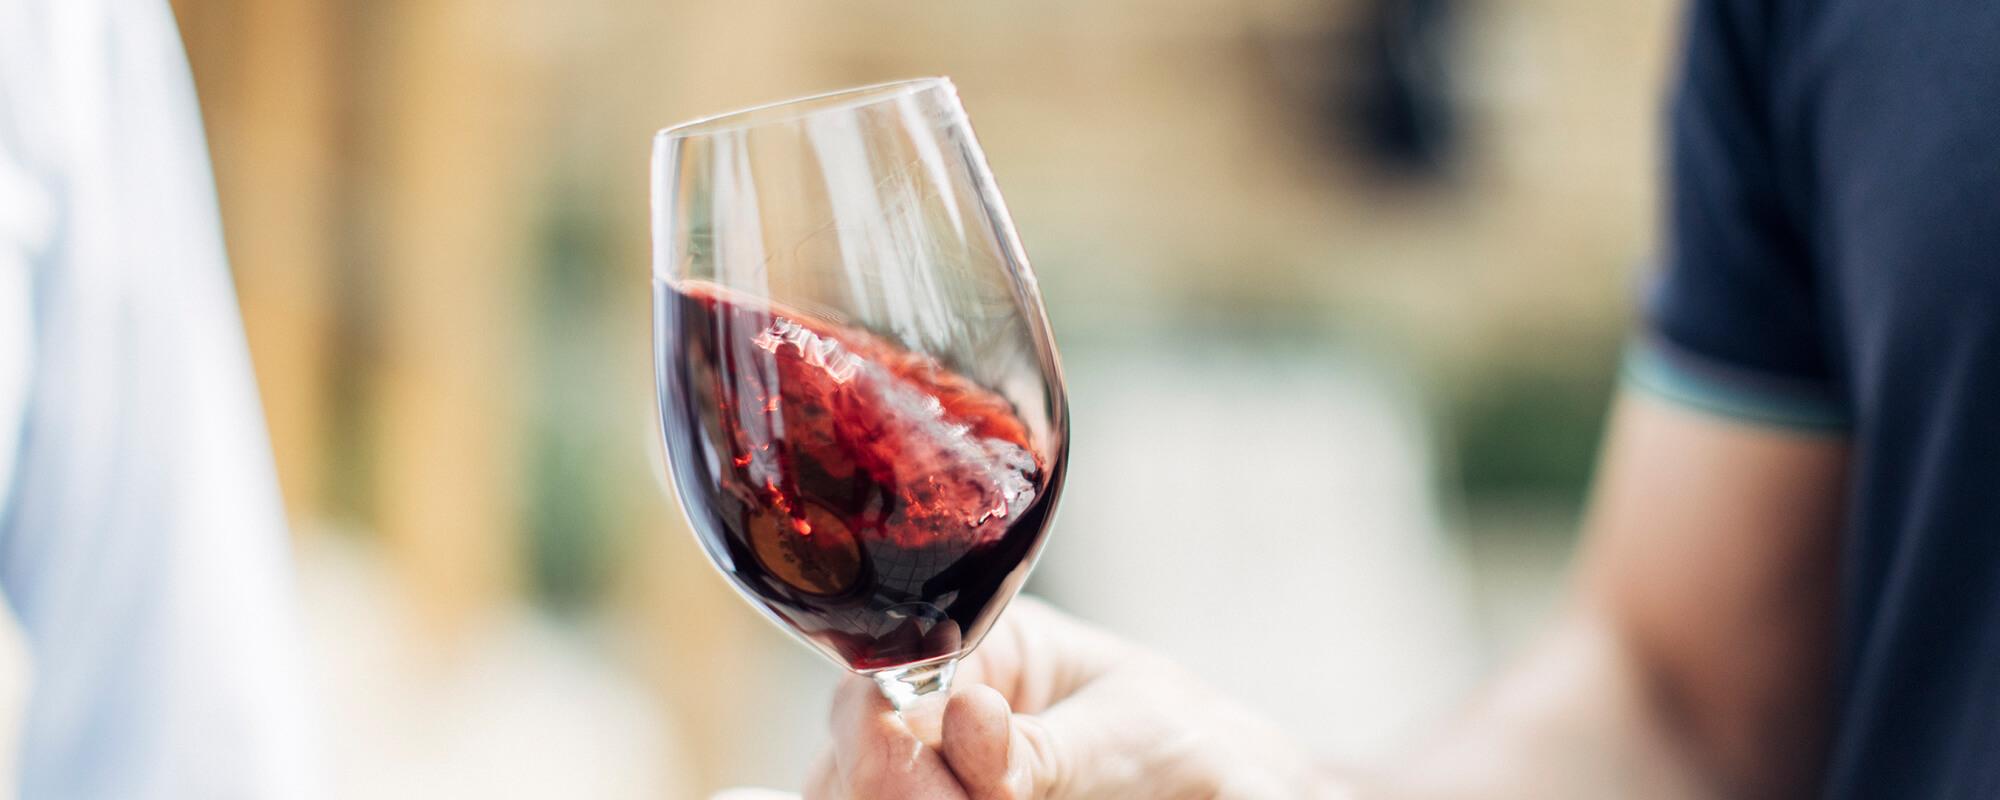 Εισαγωγή στον κόσμο του κρασιού για αρχάριους